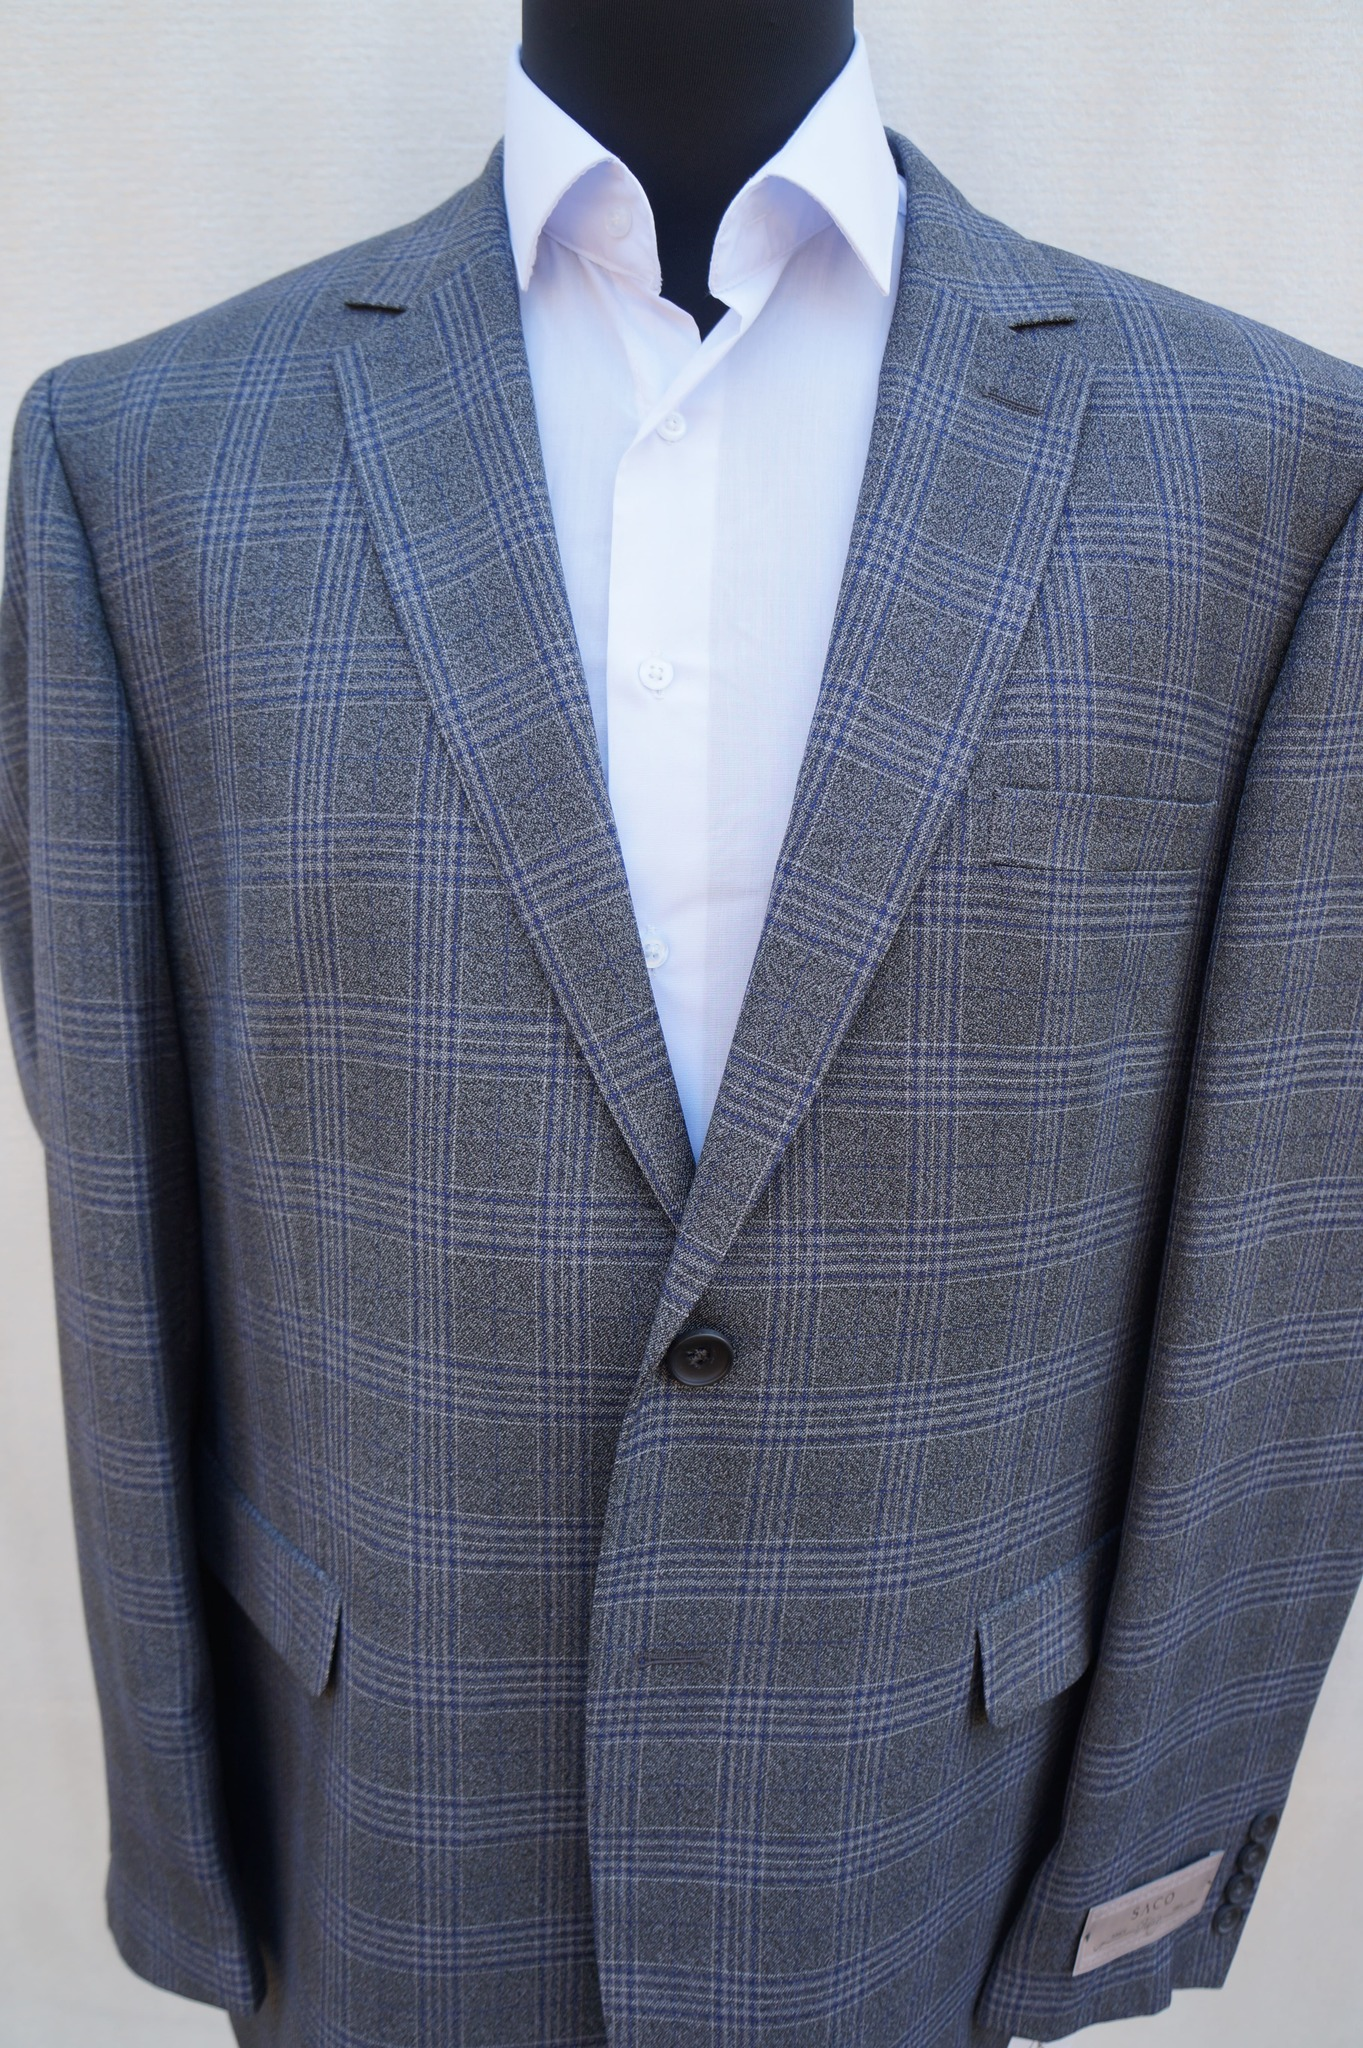 Пиджаки великаны SACO / Пиджак великан DSC00801-min.JPG